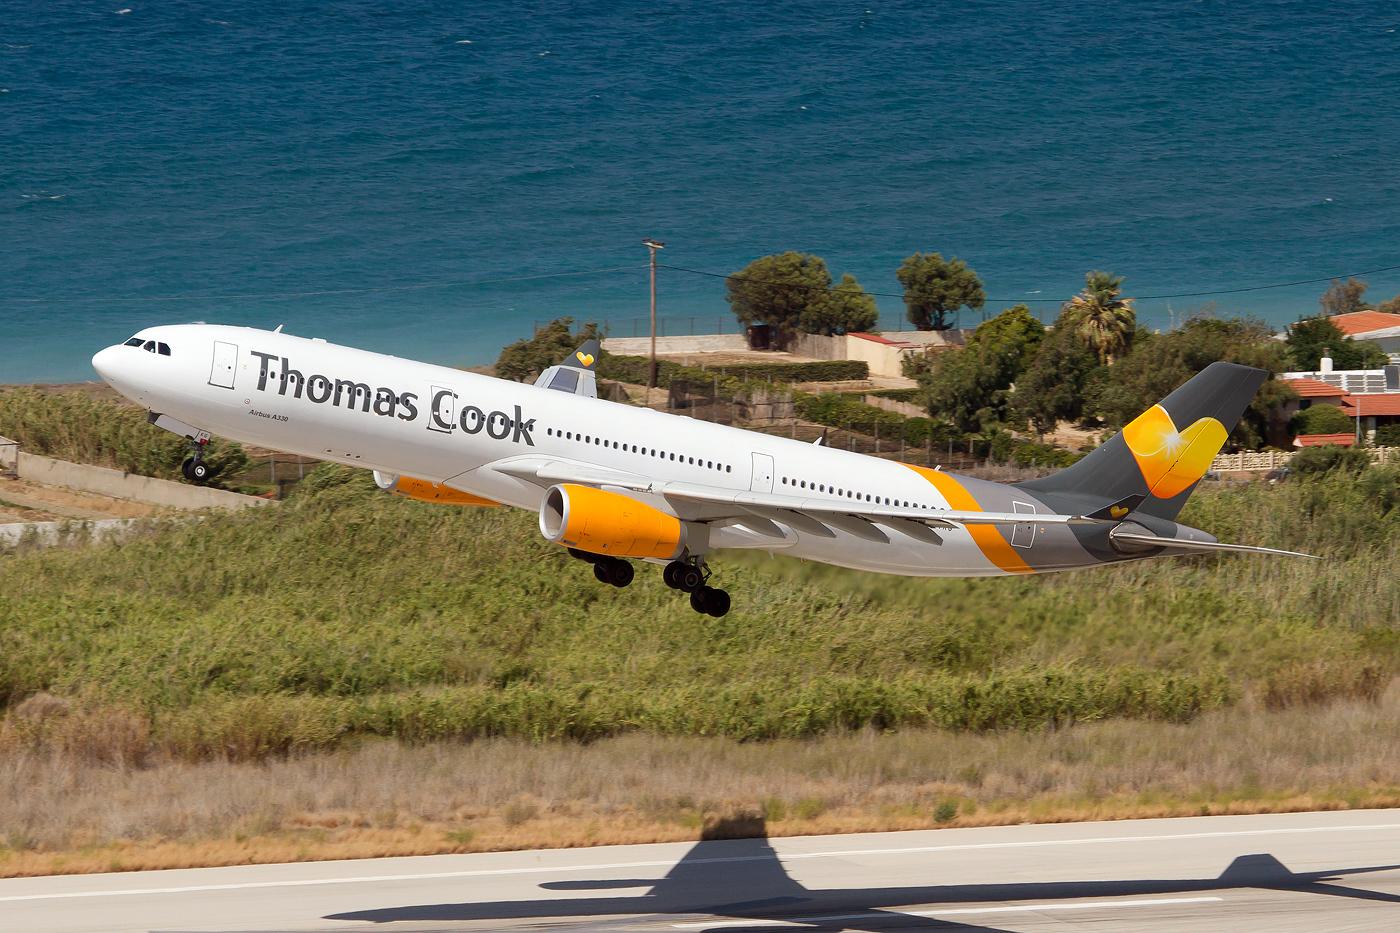 CPH får direkte charterfly til Kap Verde - CHECK-IN.dk